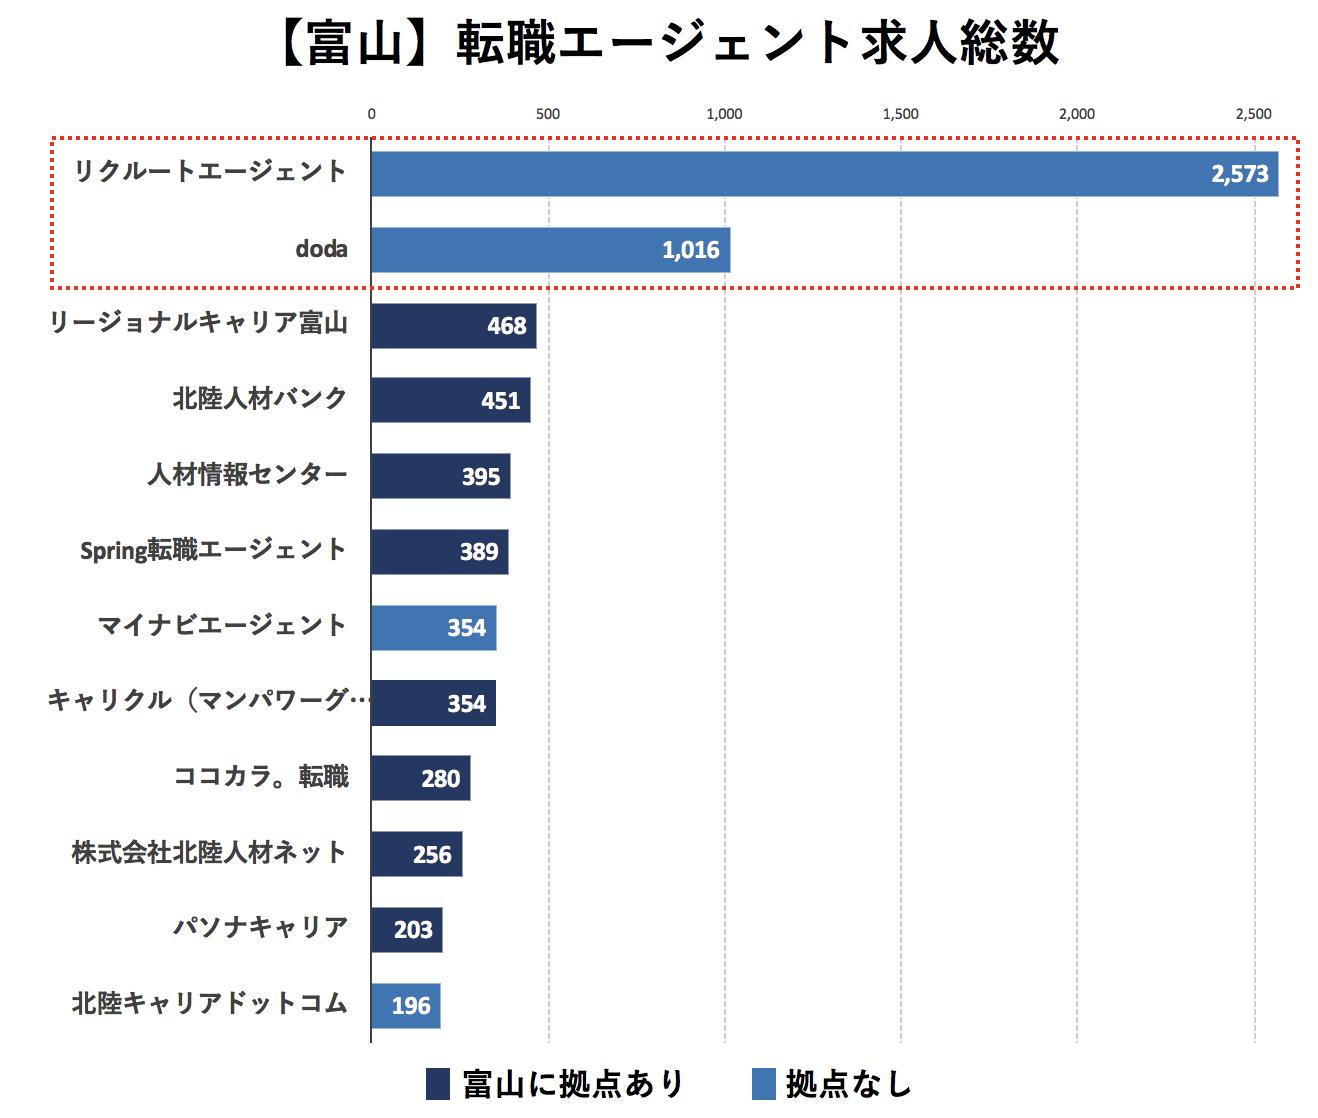 富山の転職エージェントの求人数の比較